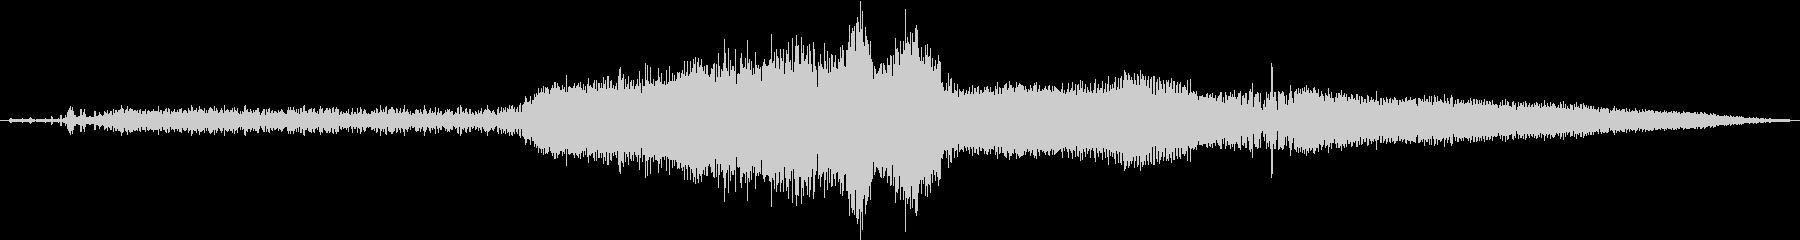 Snj-6シングルプロップ:内線:...の未再生の波形